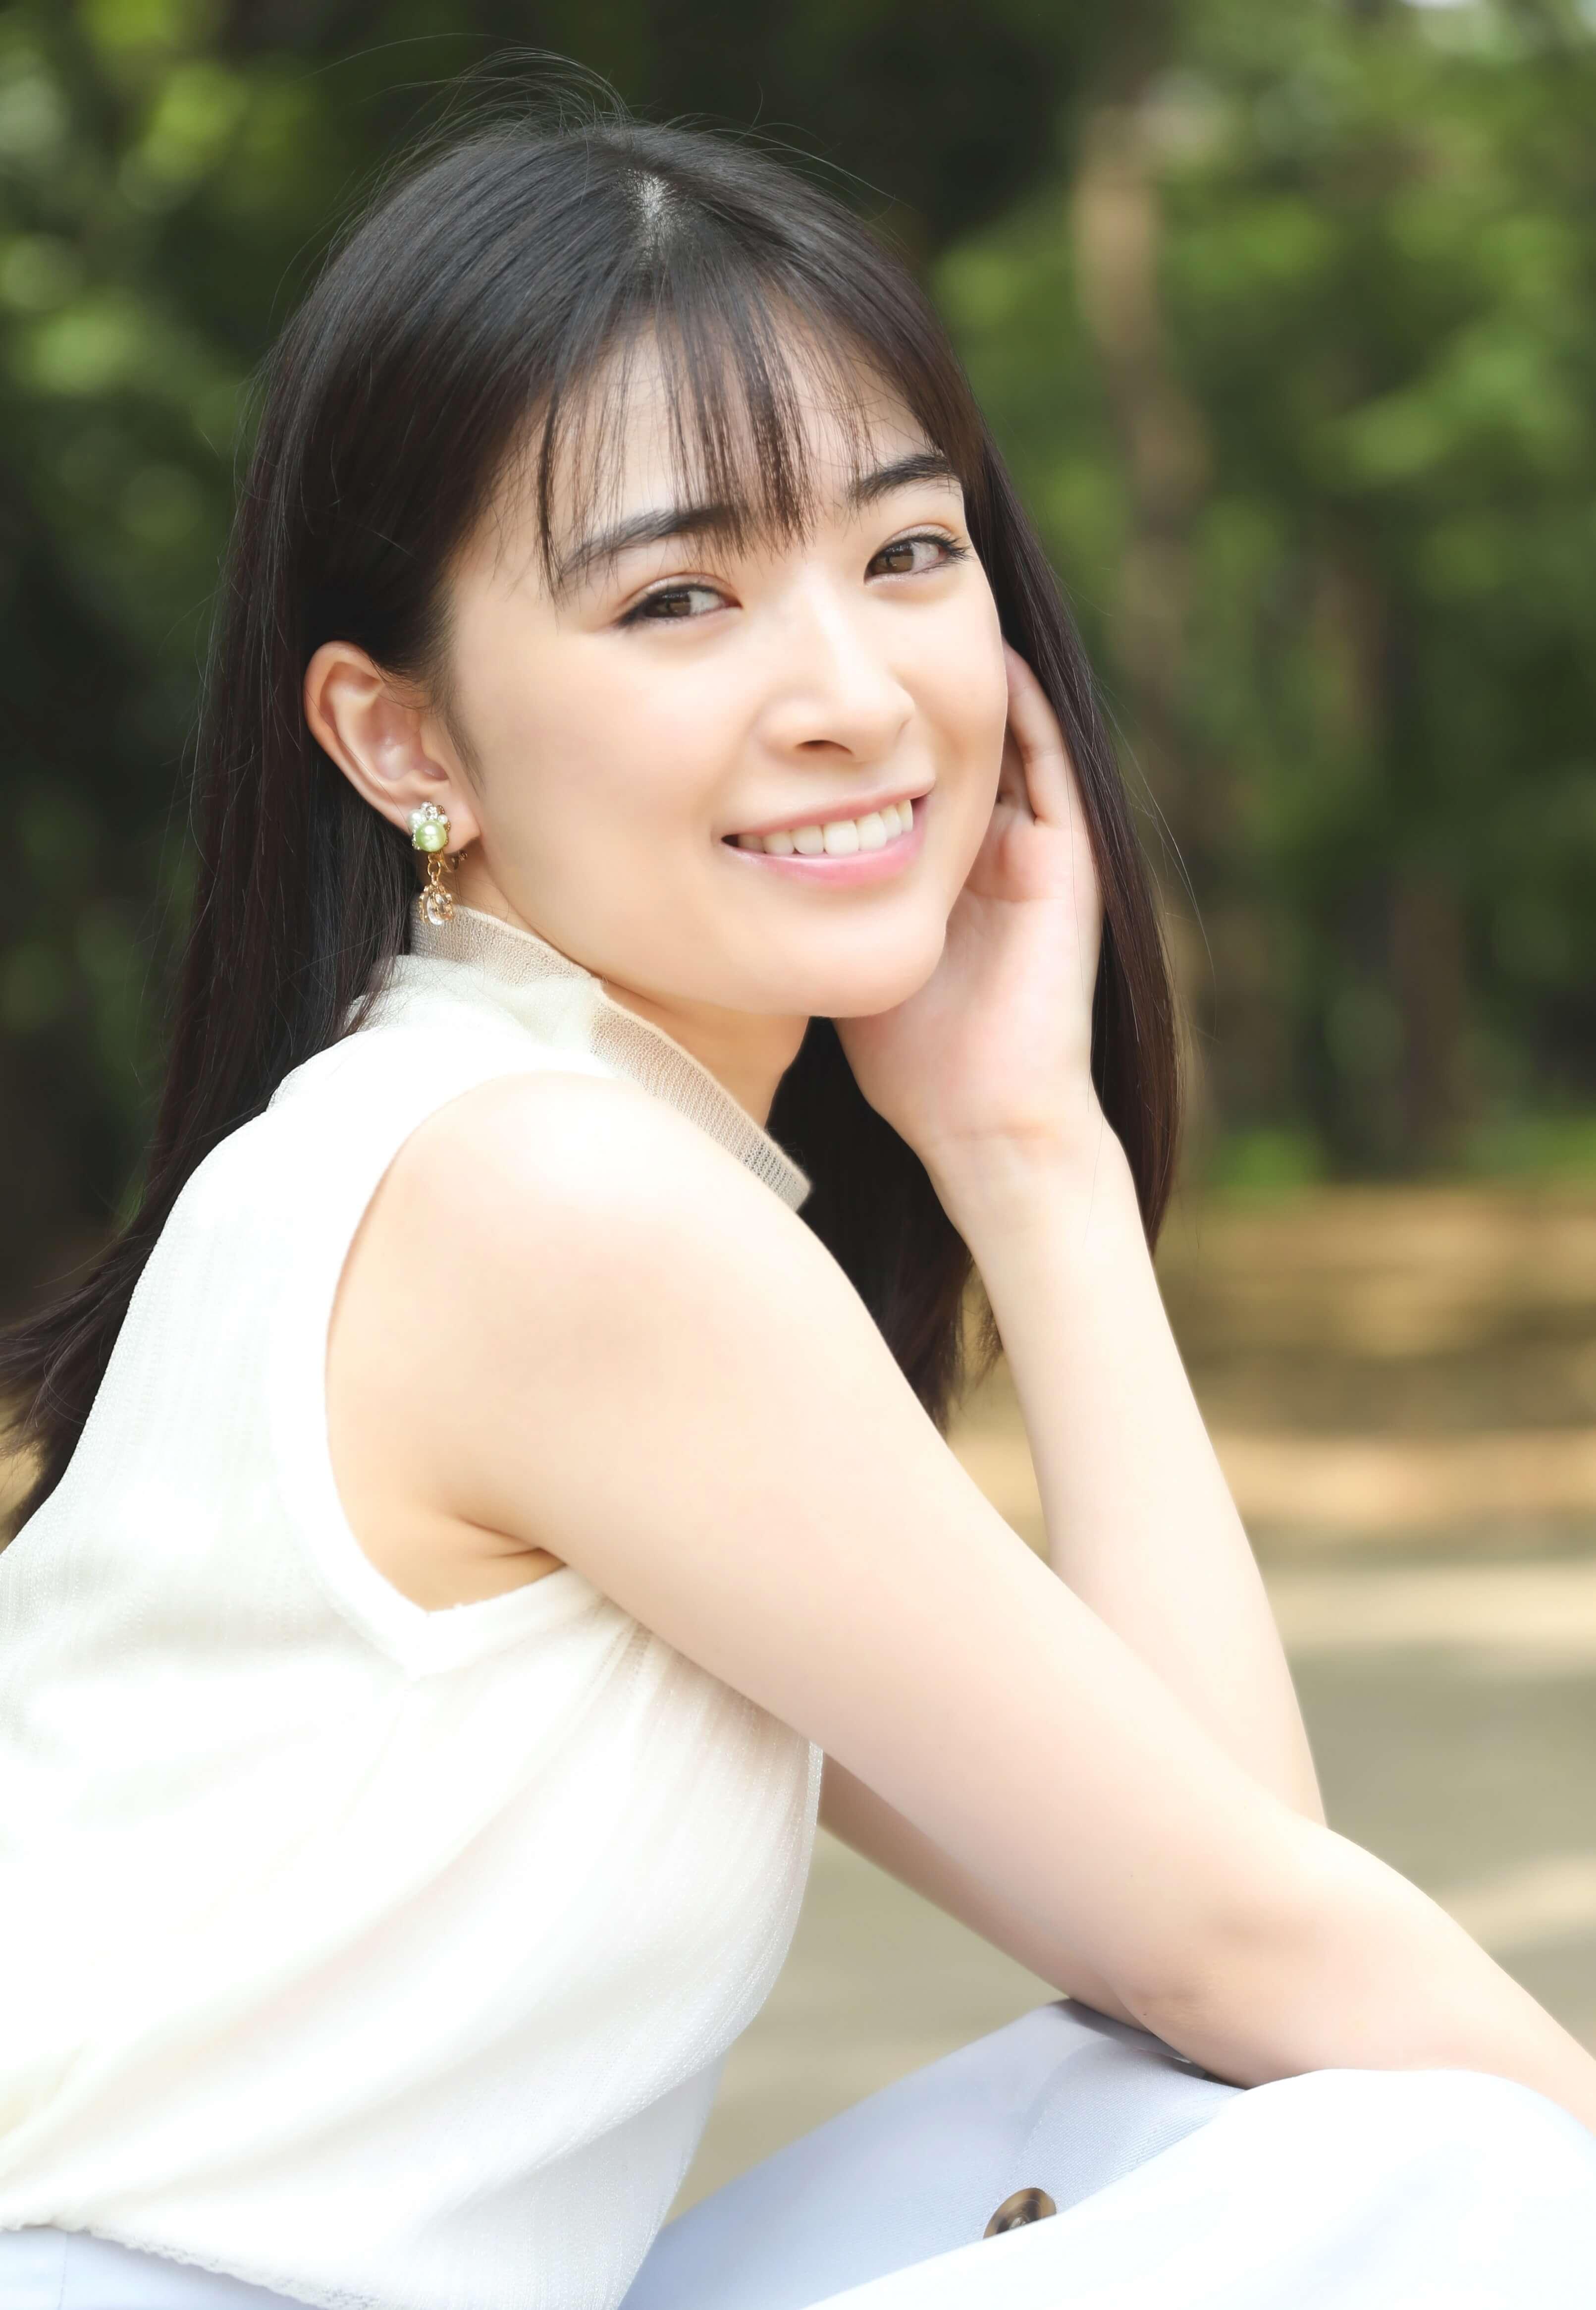 優希 美 青 優希美青(ゆうきみお) ホリプロオフィシャルサイト